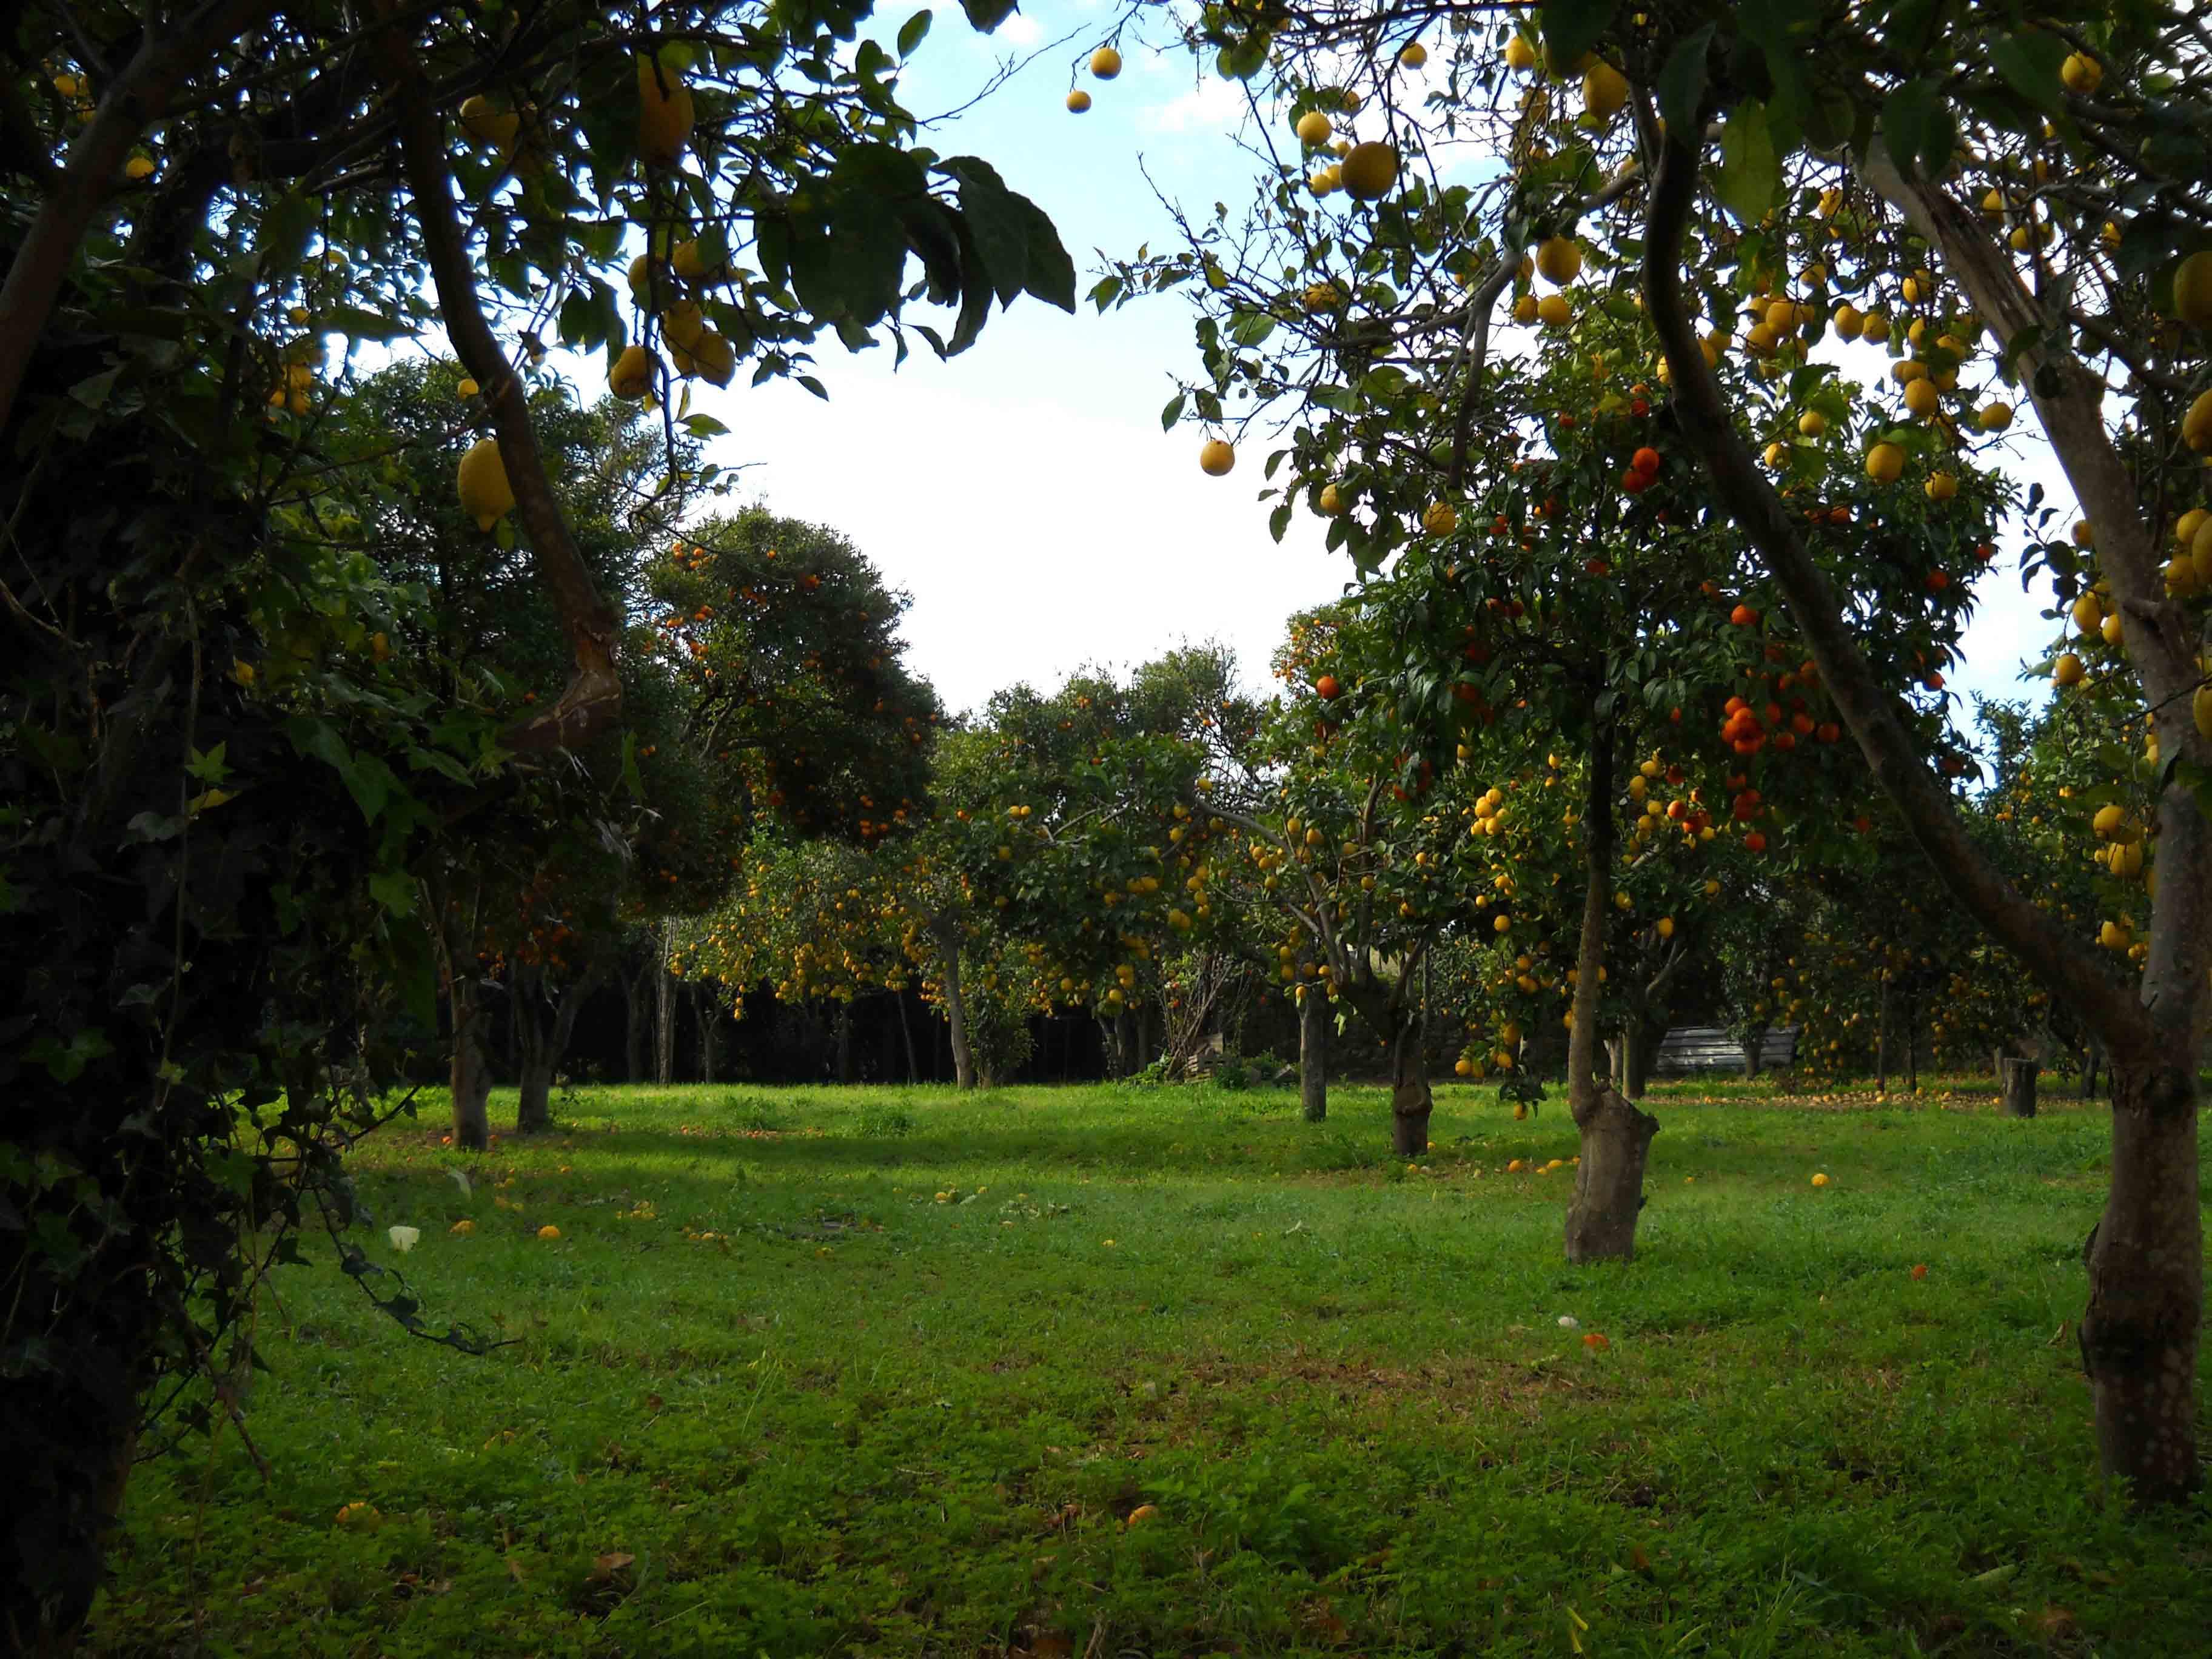 Procida riscopre le sue bellezze: i Giardini Aperti tra partecipazione e condivisione